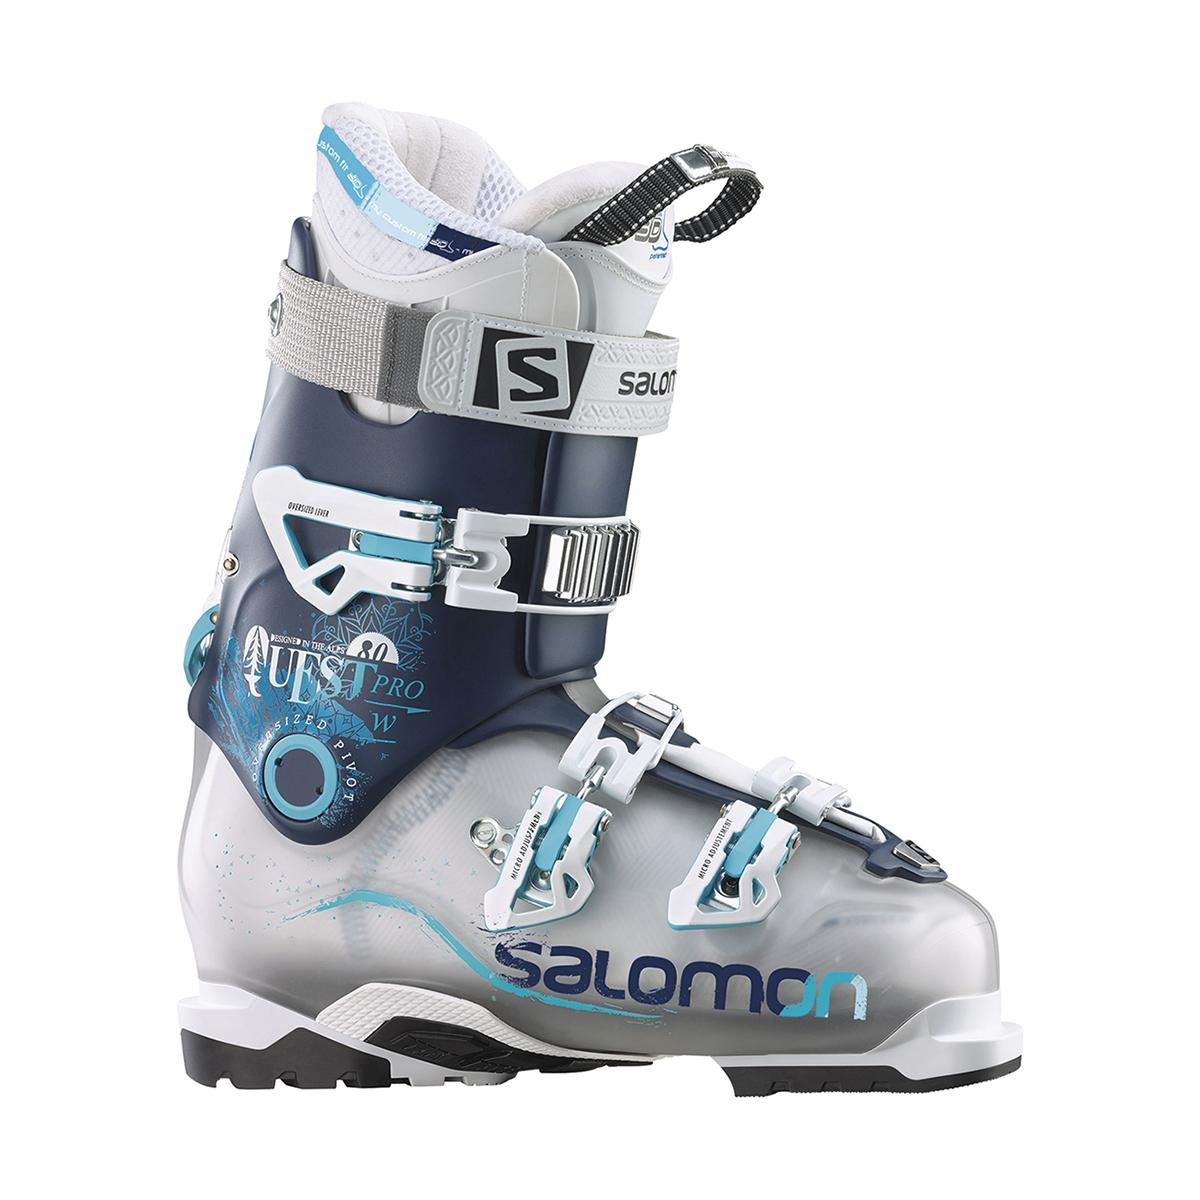 salomon quest pro 80 femme 2016 hybrid ski boots. Black Bedroom Furniture Sets. Home Design Ideas